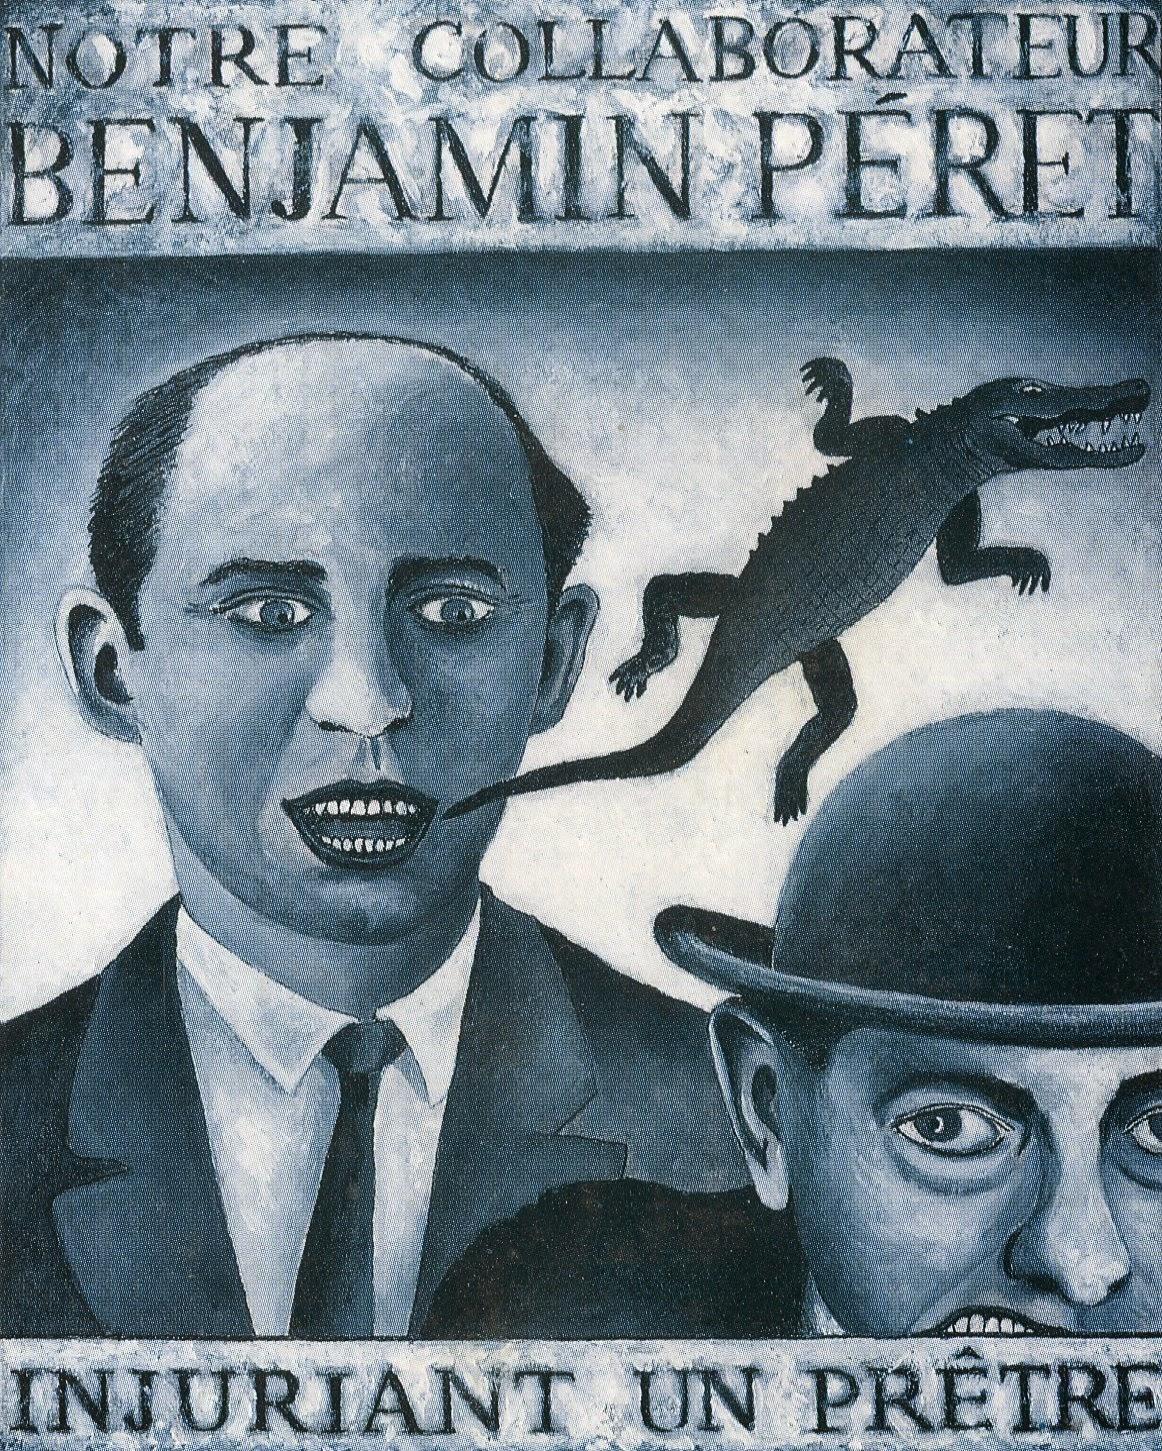 Benjamin Péret (1899-1959)